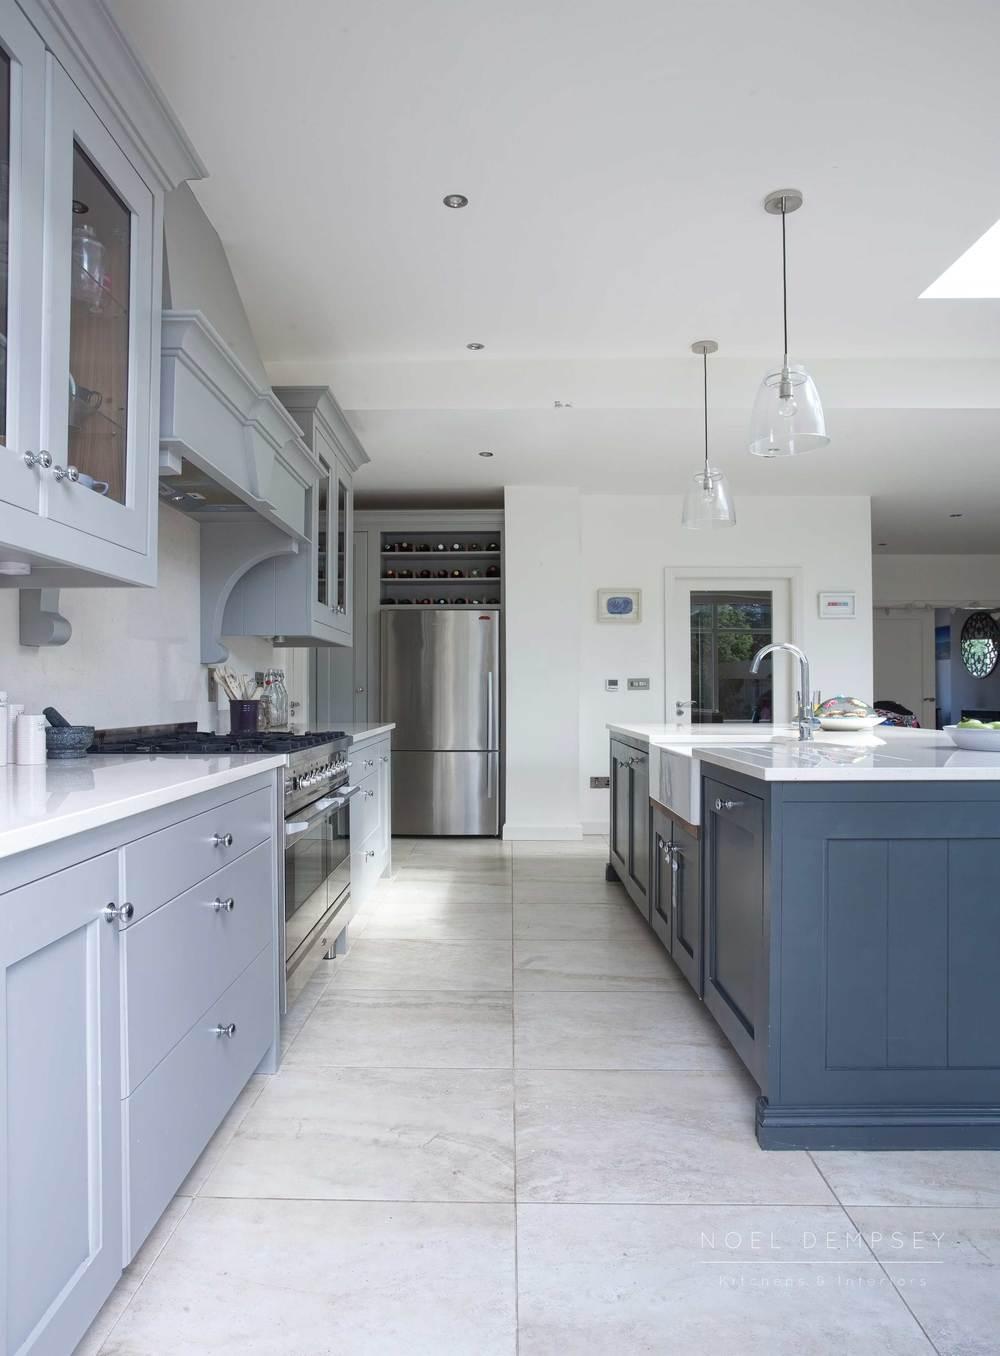 Surrey Noel Dempsey Design